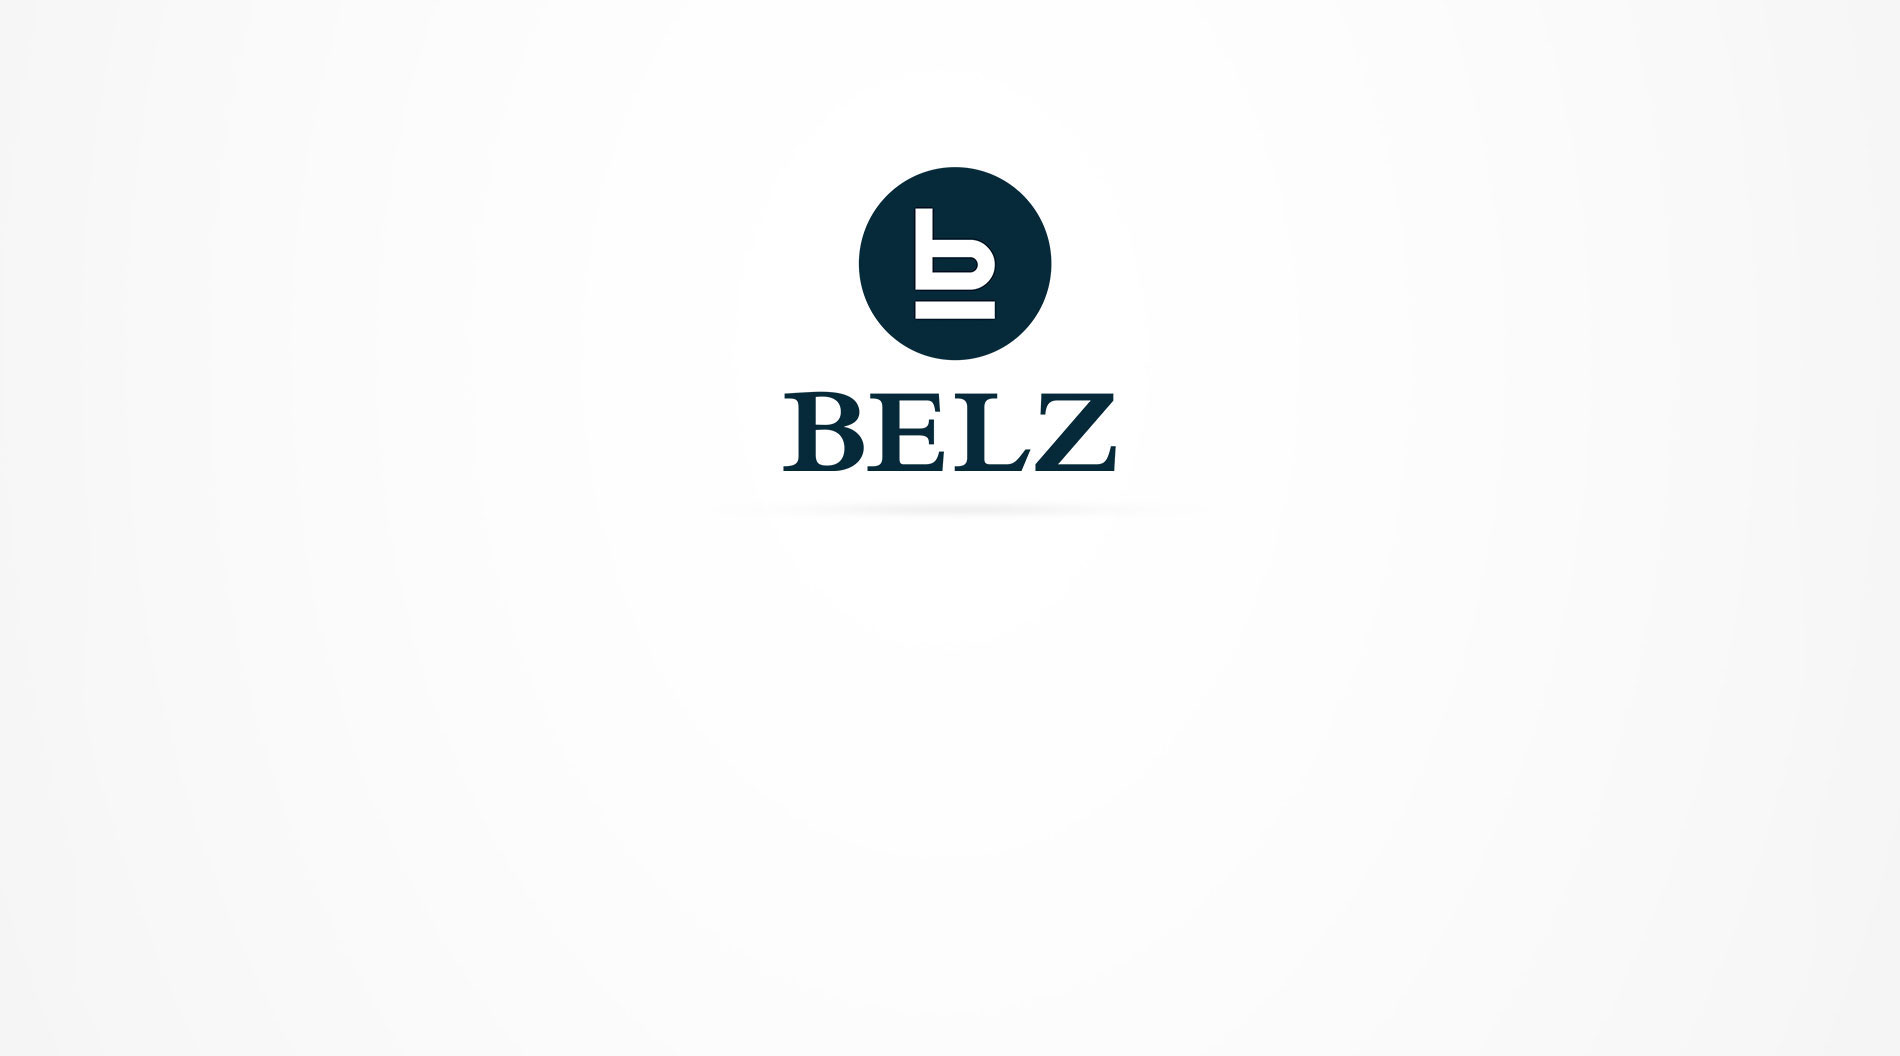 Markenkreation BELZ GmbH Würzburg